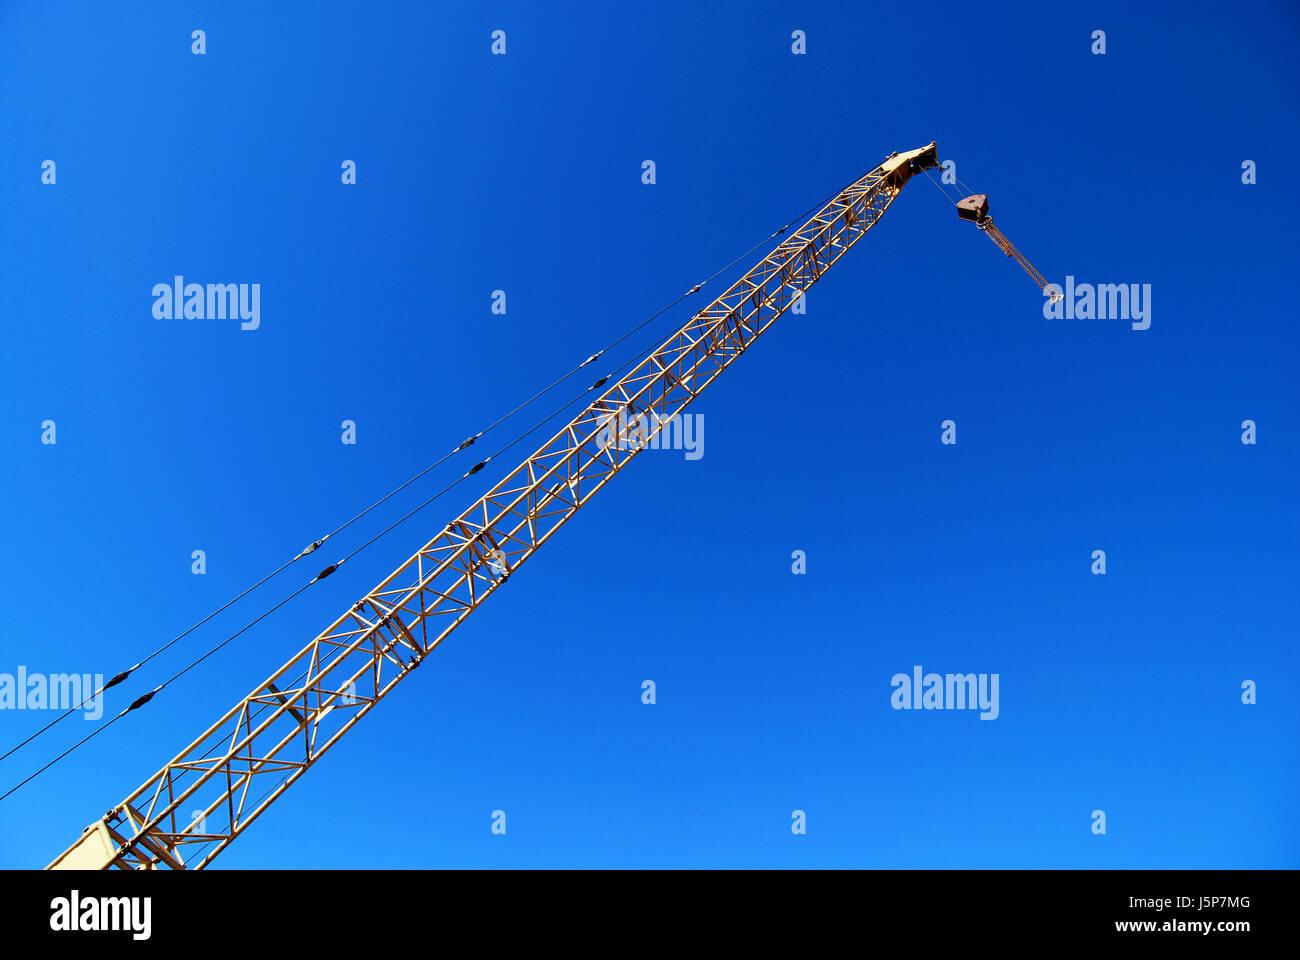 Blauer Stahl Metall-Haken Stahl Kabel Halterung heben Aufzug Schiff ...